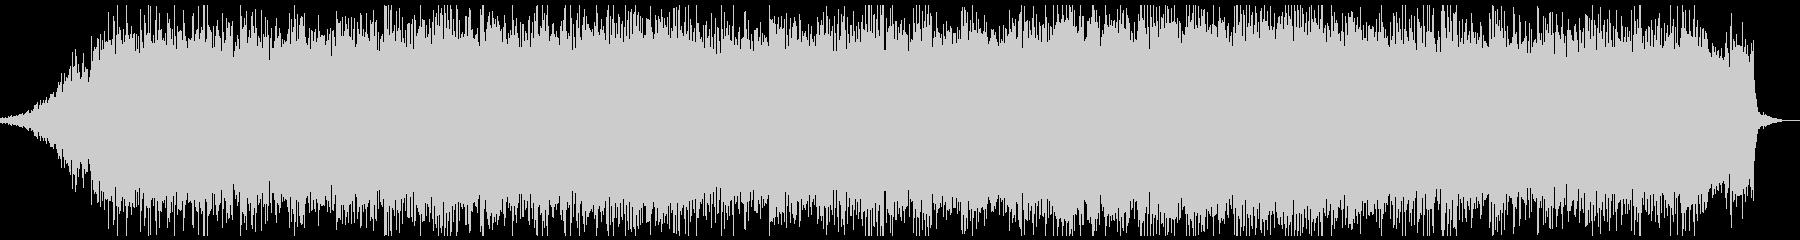 ピアノやシンセサイザーのアンビエントの未再生の波形